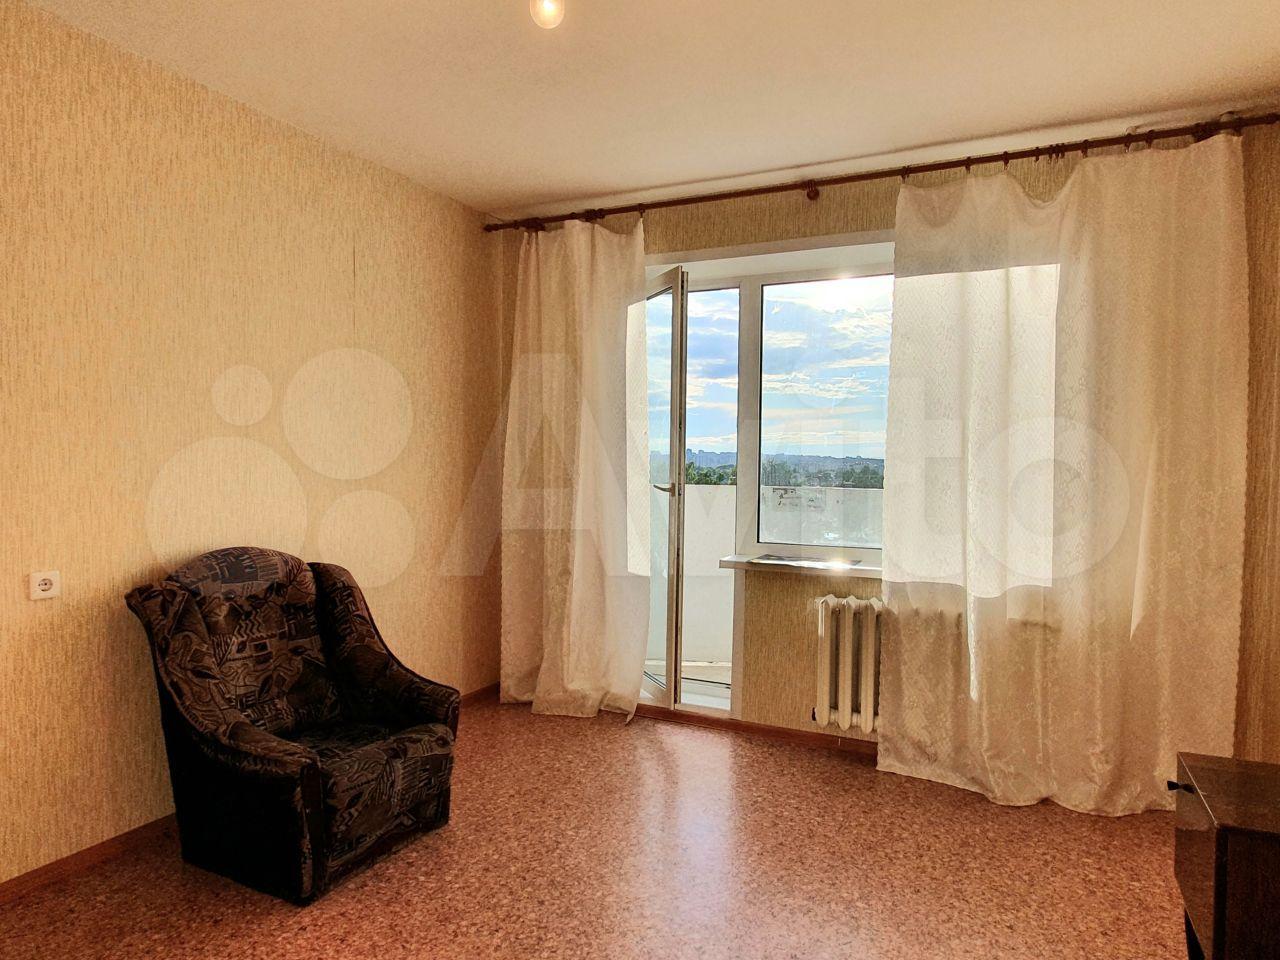 1-к квартира, 34 м², 7/10 эт.  89155301872 купить 6